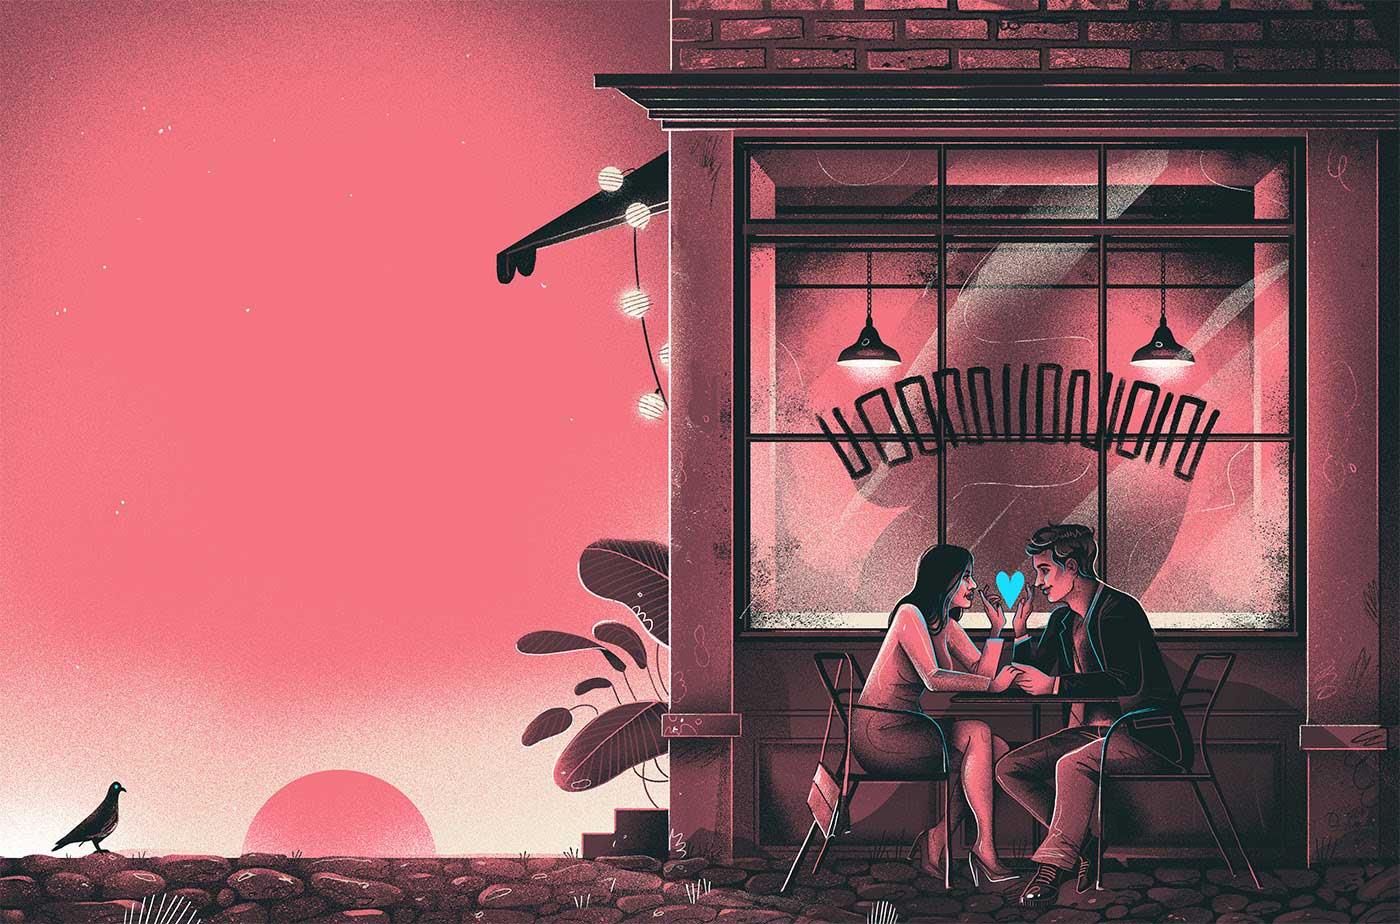 Neue Editorial-Illustrationen von Iza Dudzik Iza-Dudzik-illustration-2020_06